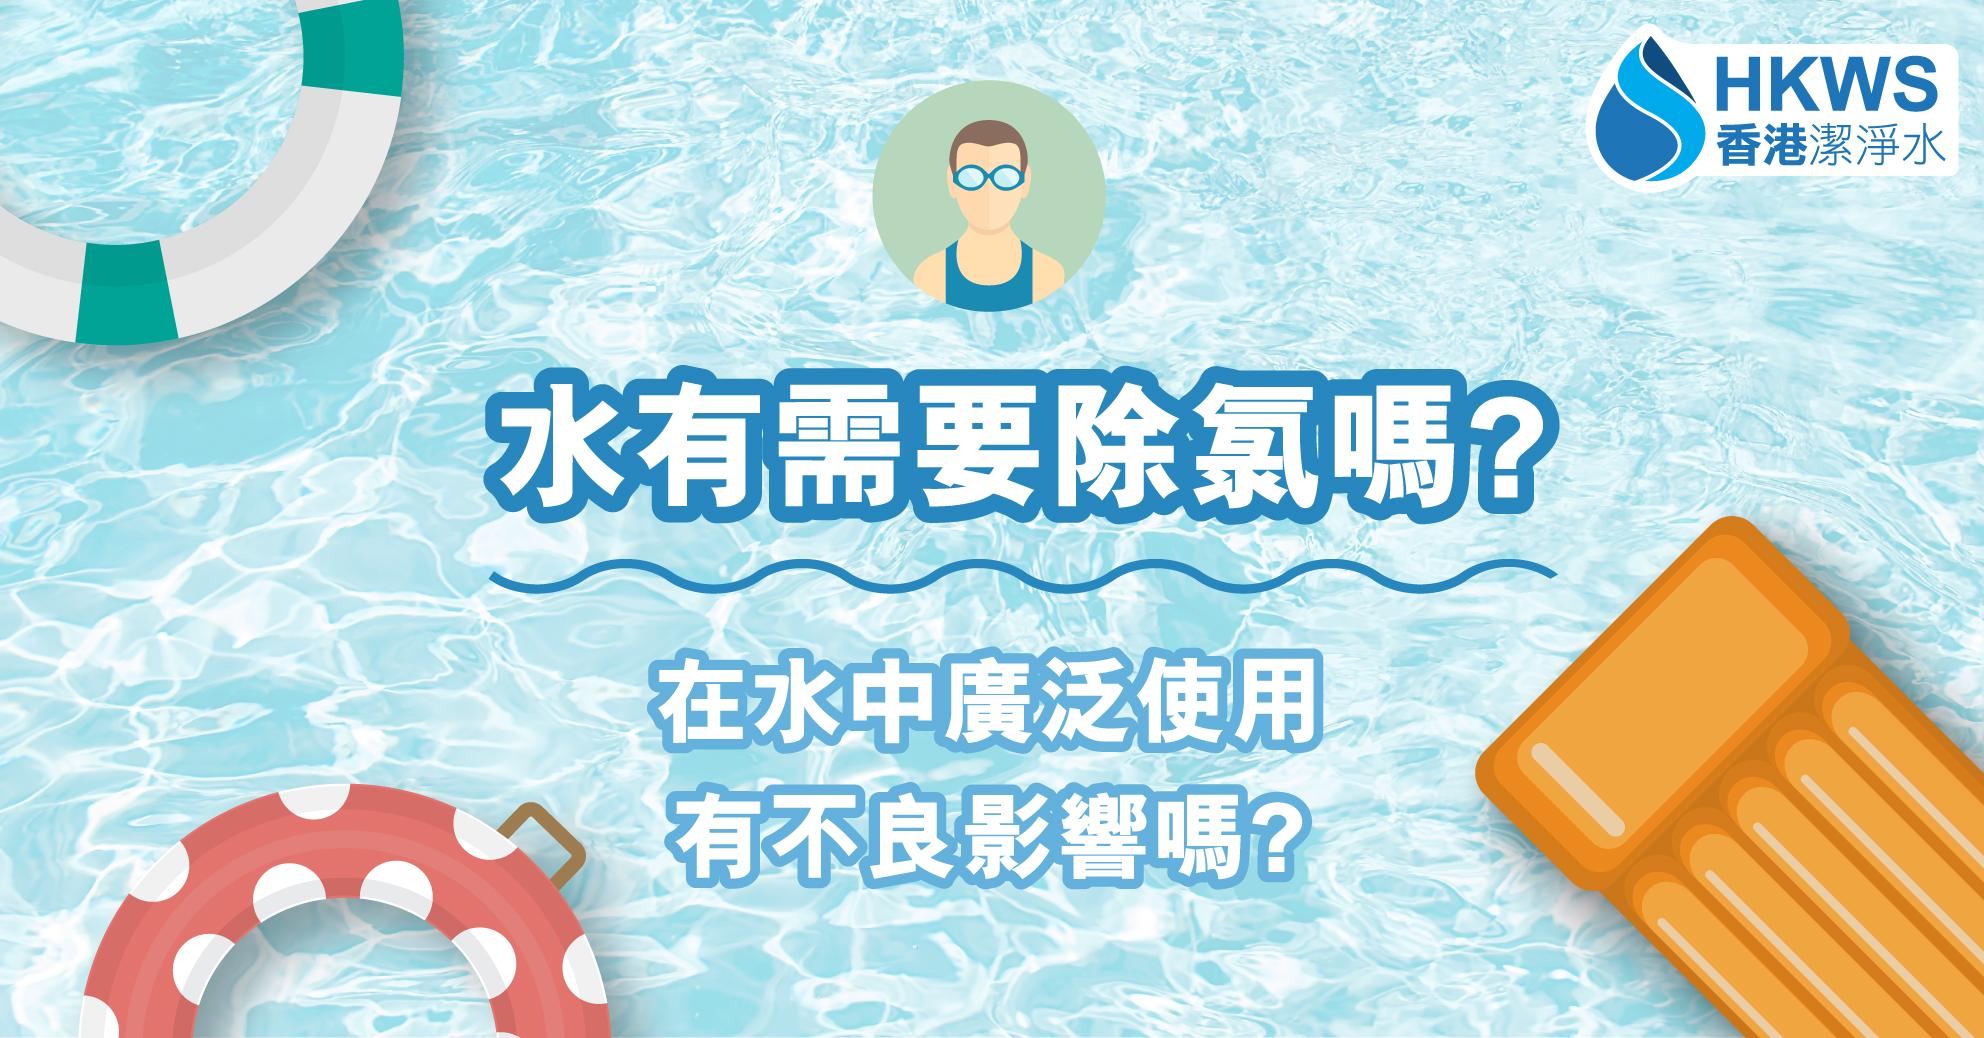 氯會致癌?還應該游泳嗎?